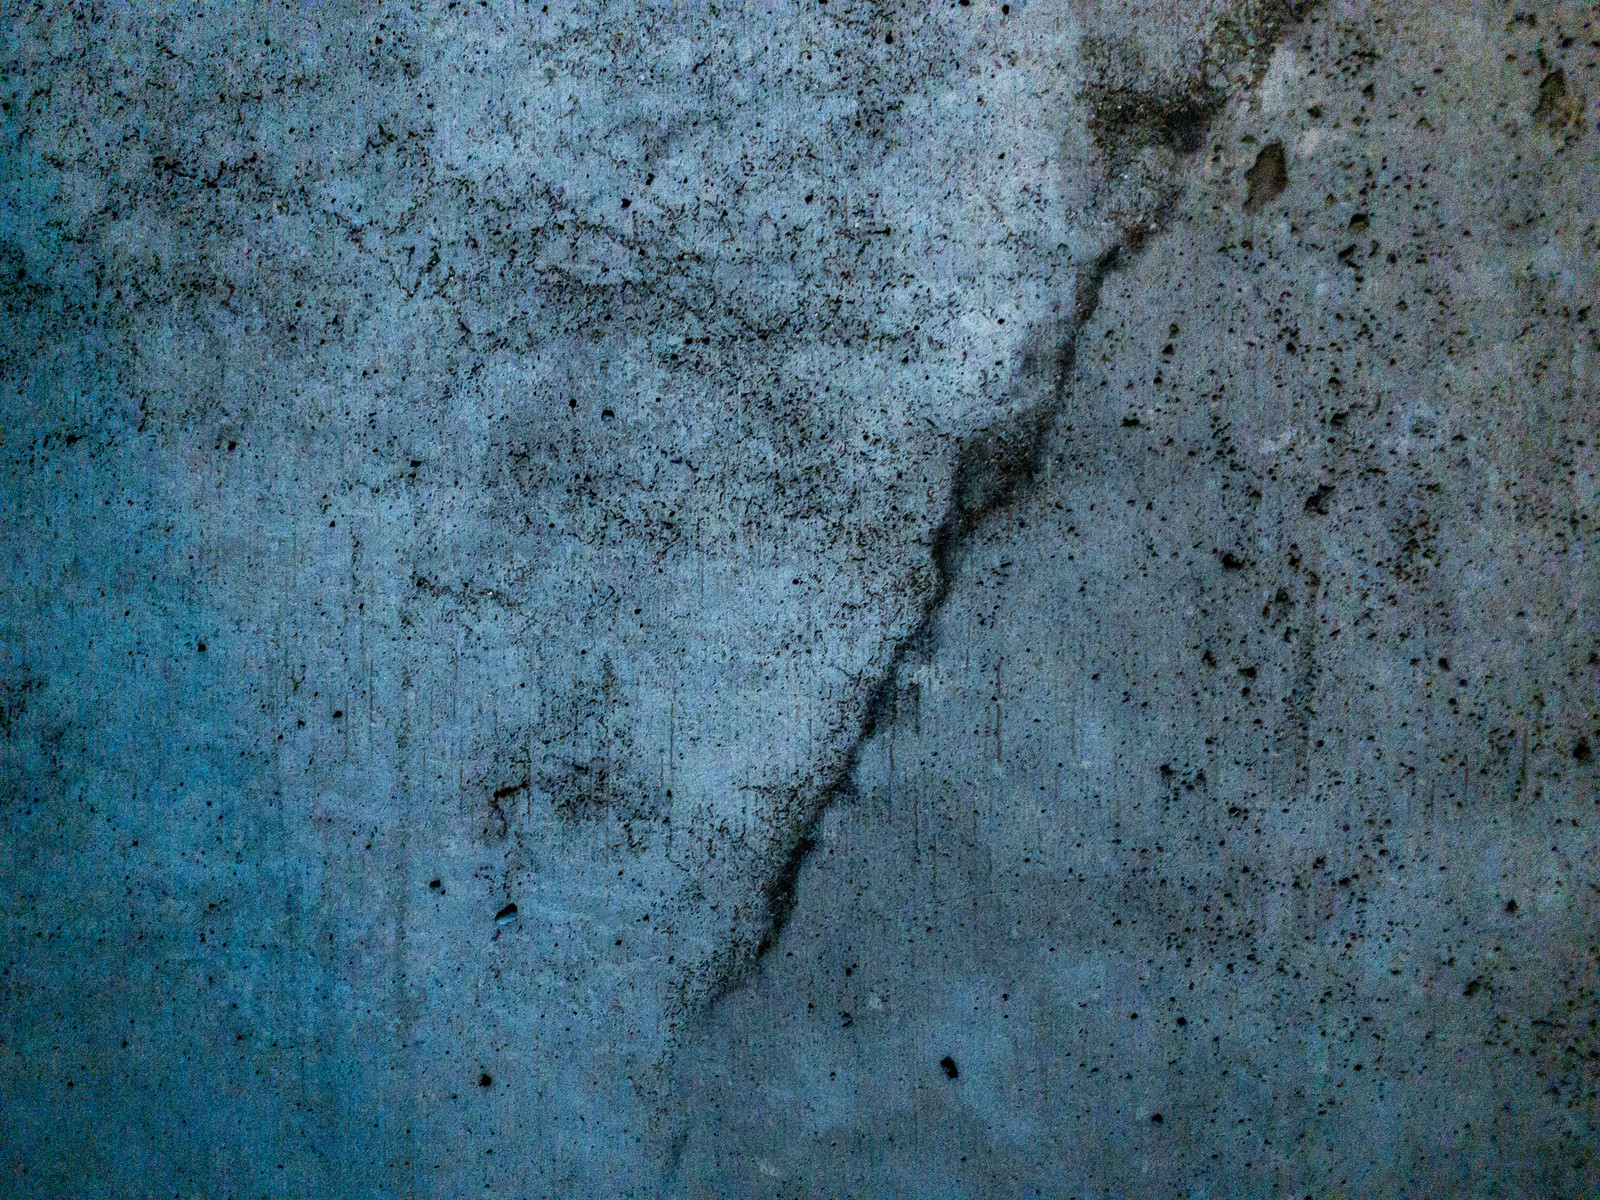 「ひび割れした古い建物の壁」の写真